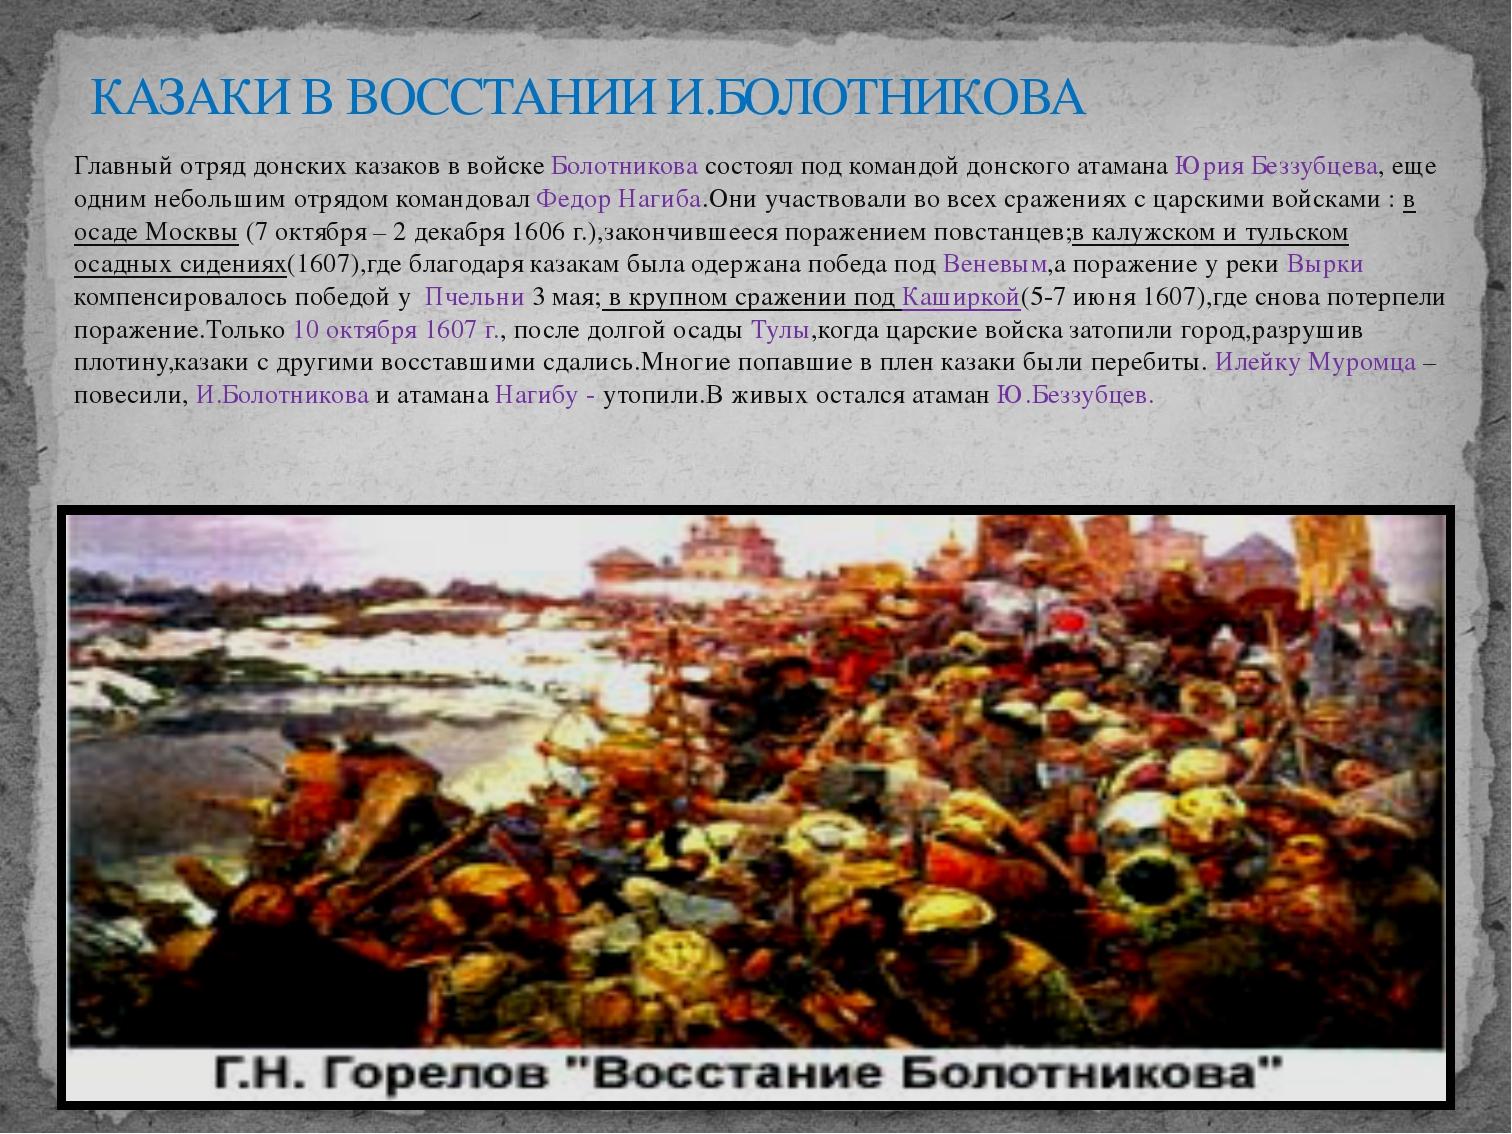 Главный отряд донских казаков в войске Болотникова состоял под командой донск...